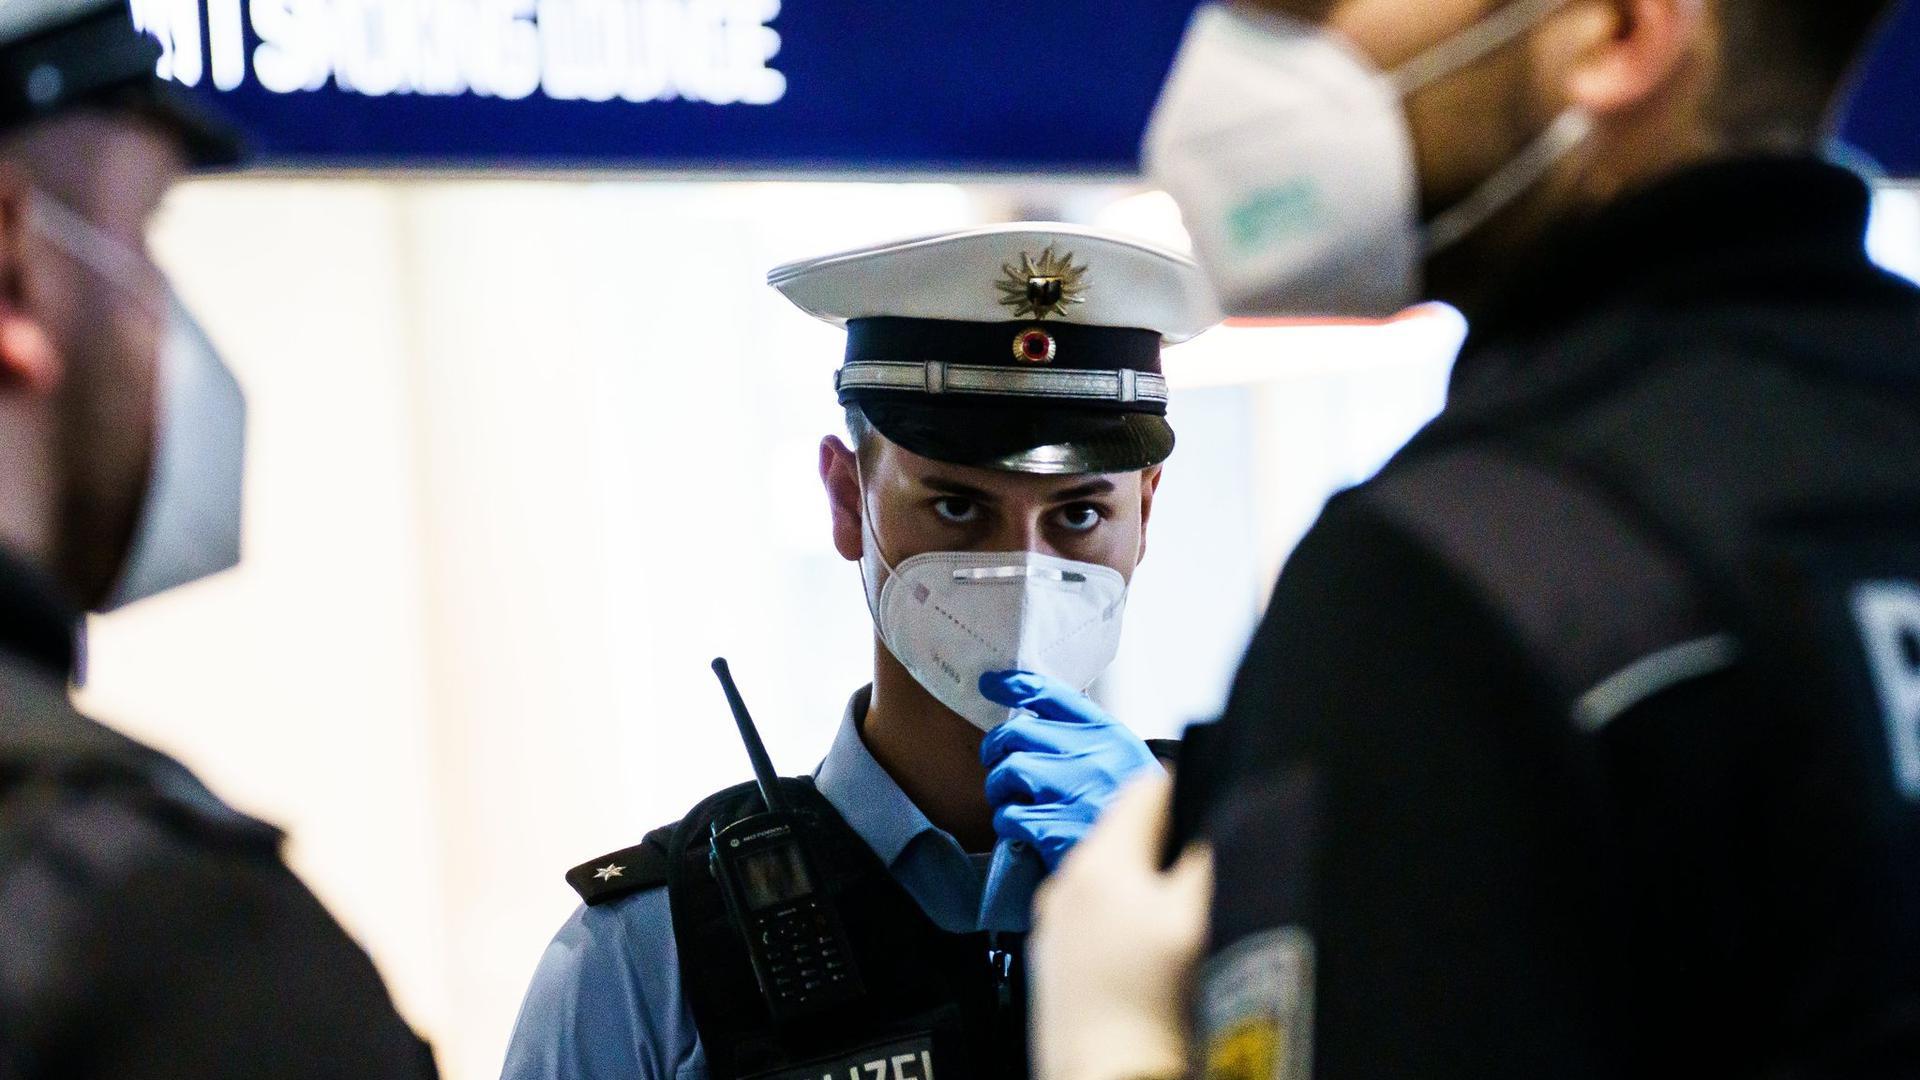 Eine Verordnung aus dem Bundesinnenministerium sieht für Länder, in denen sich besonders ansteckende Varianten des Coronavirus stark ausgebreitet haben, eine weitreichende Einreisesperre vor.